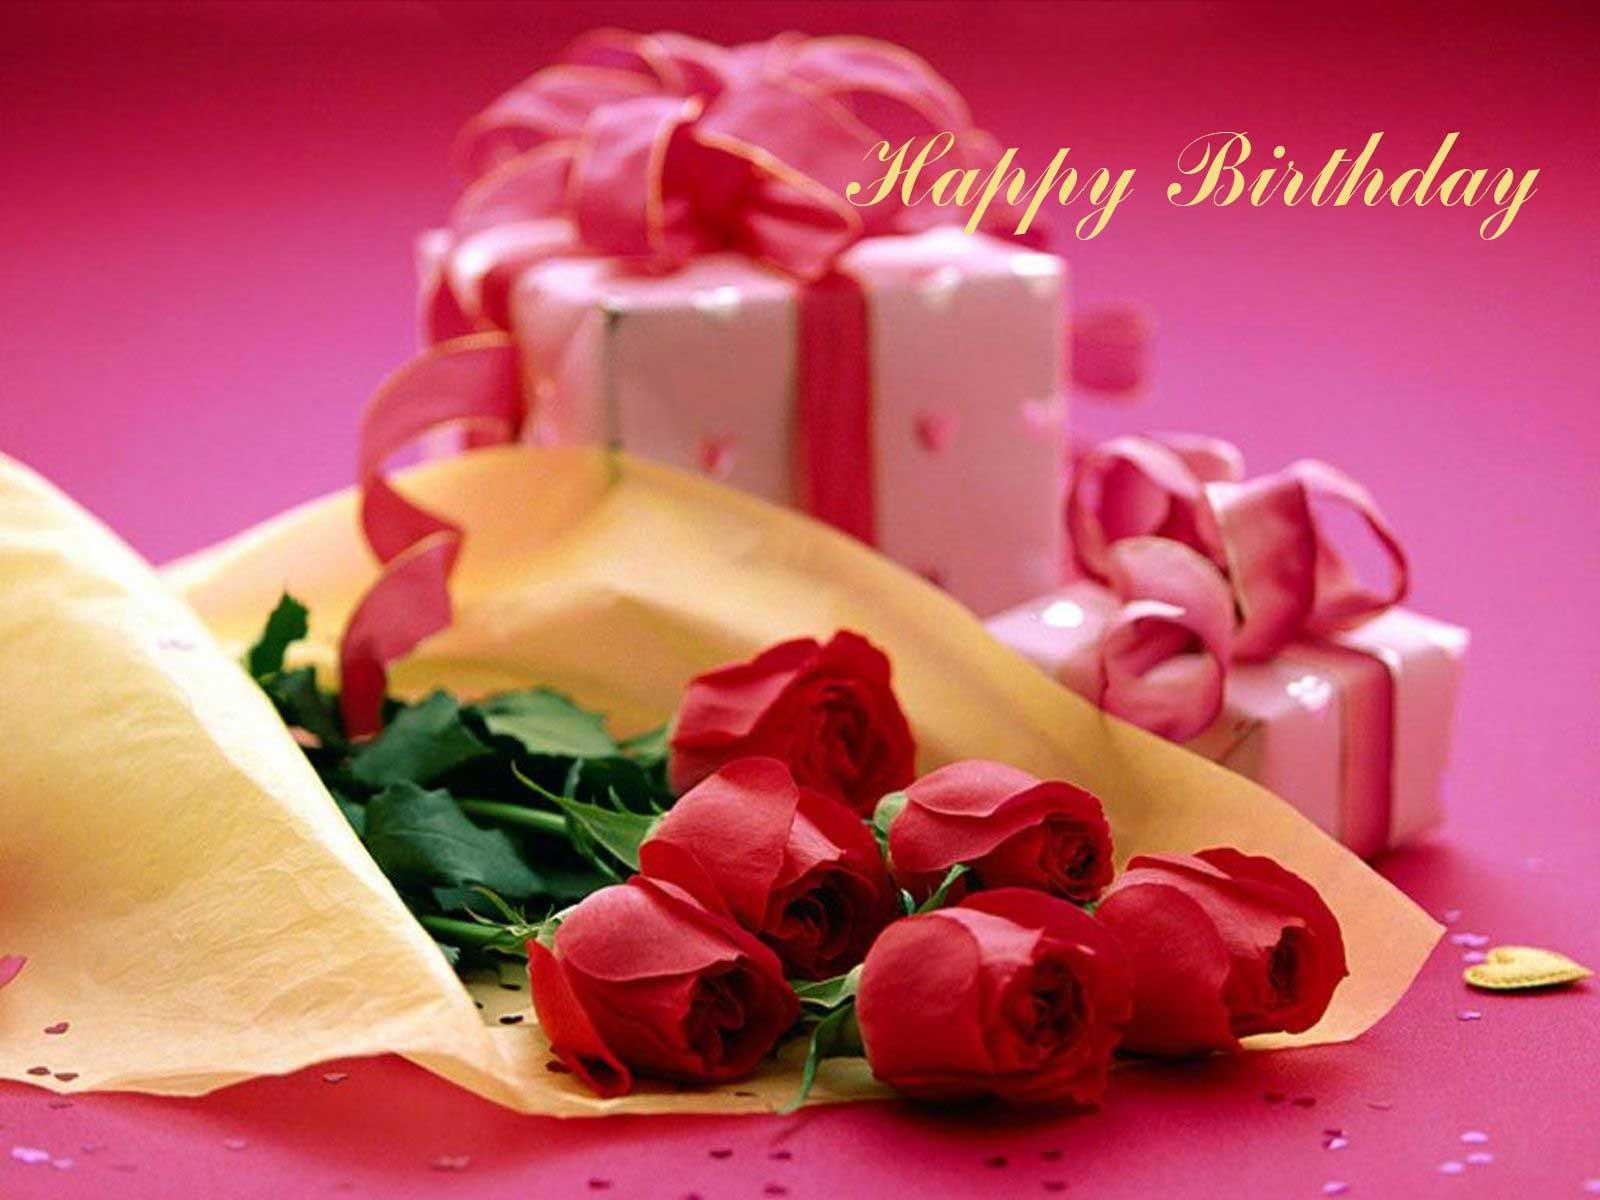 Открытки отличного качества с днем рождения